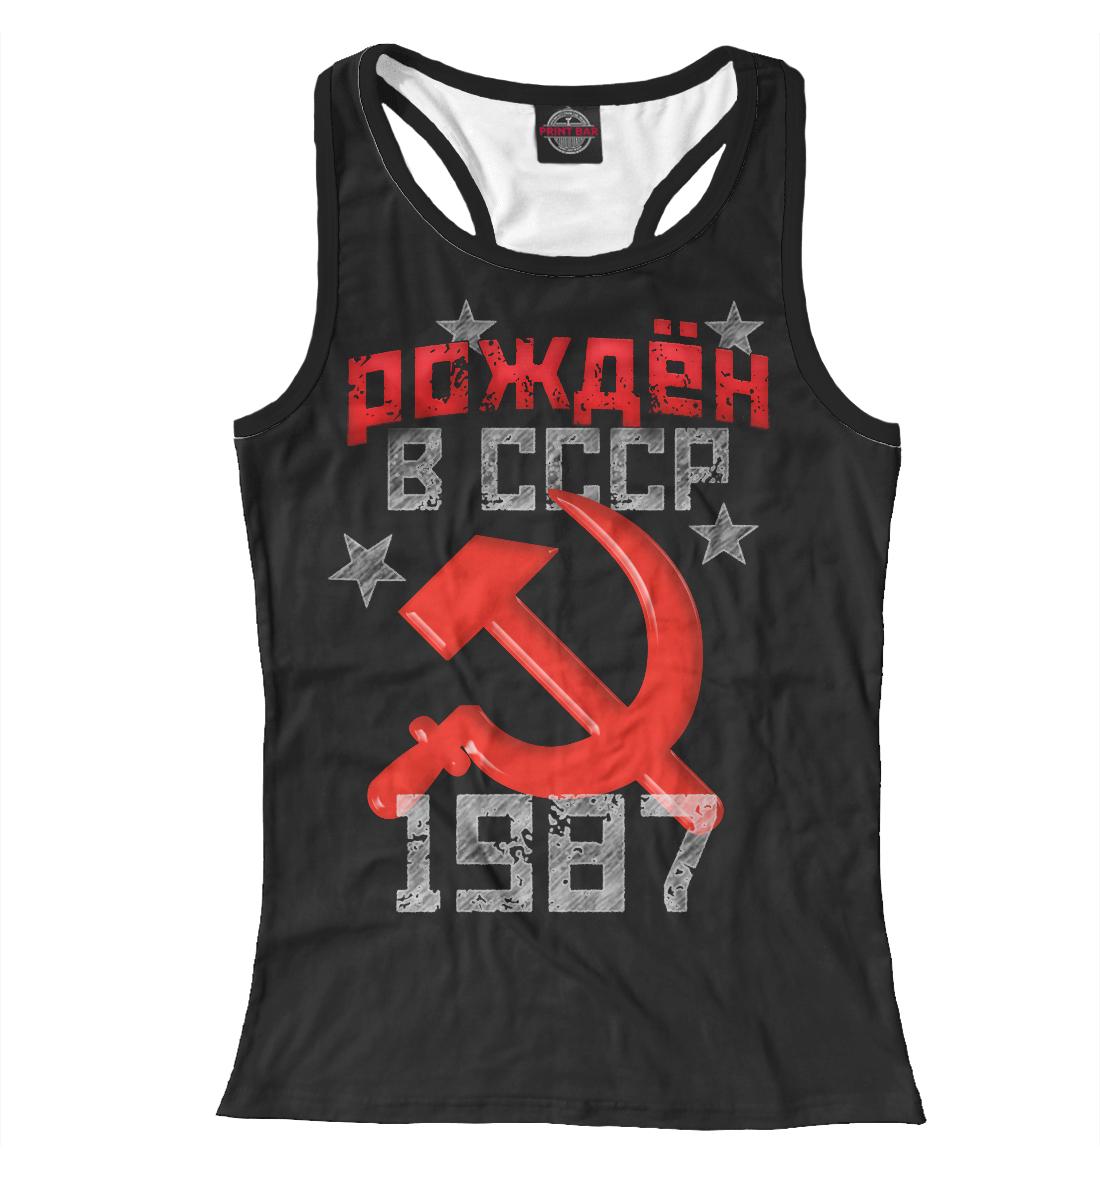 Купить Рожден в СССР 1987, Printbar, Майки борцовки, DVE-748820-mayb-1